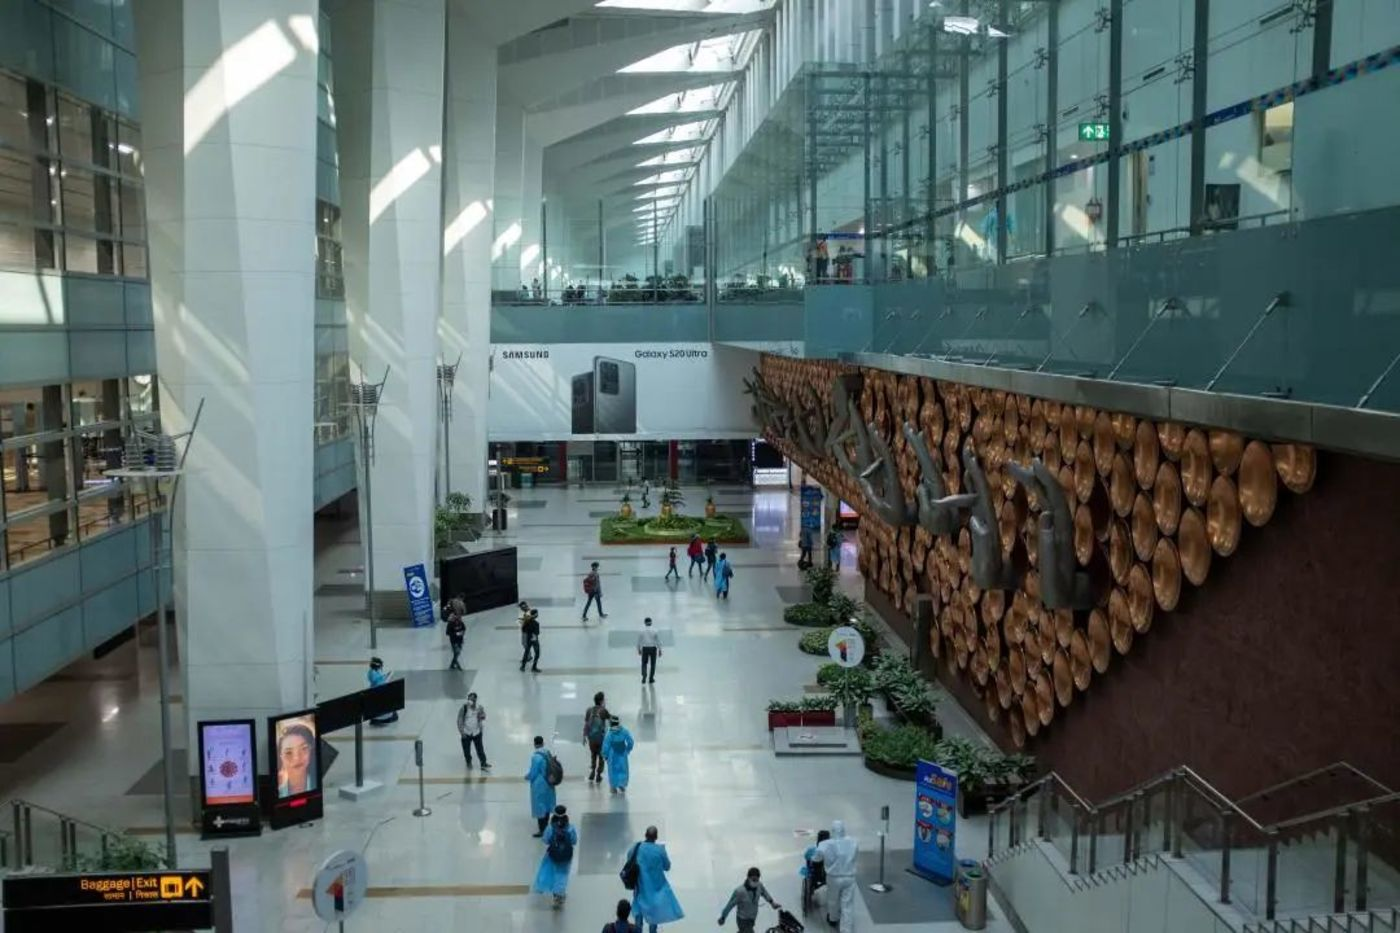 德里国际机场到达大厅/冯迪